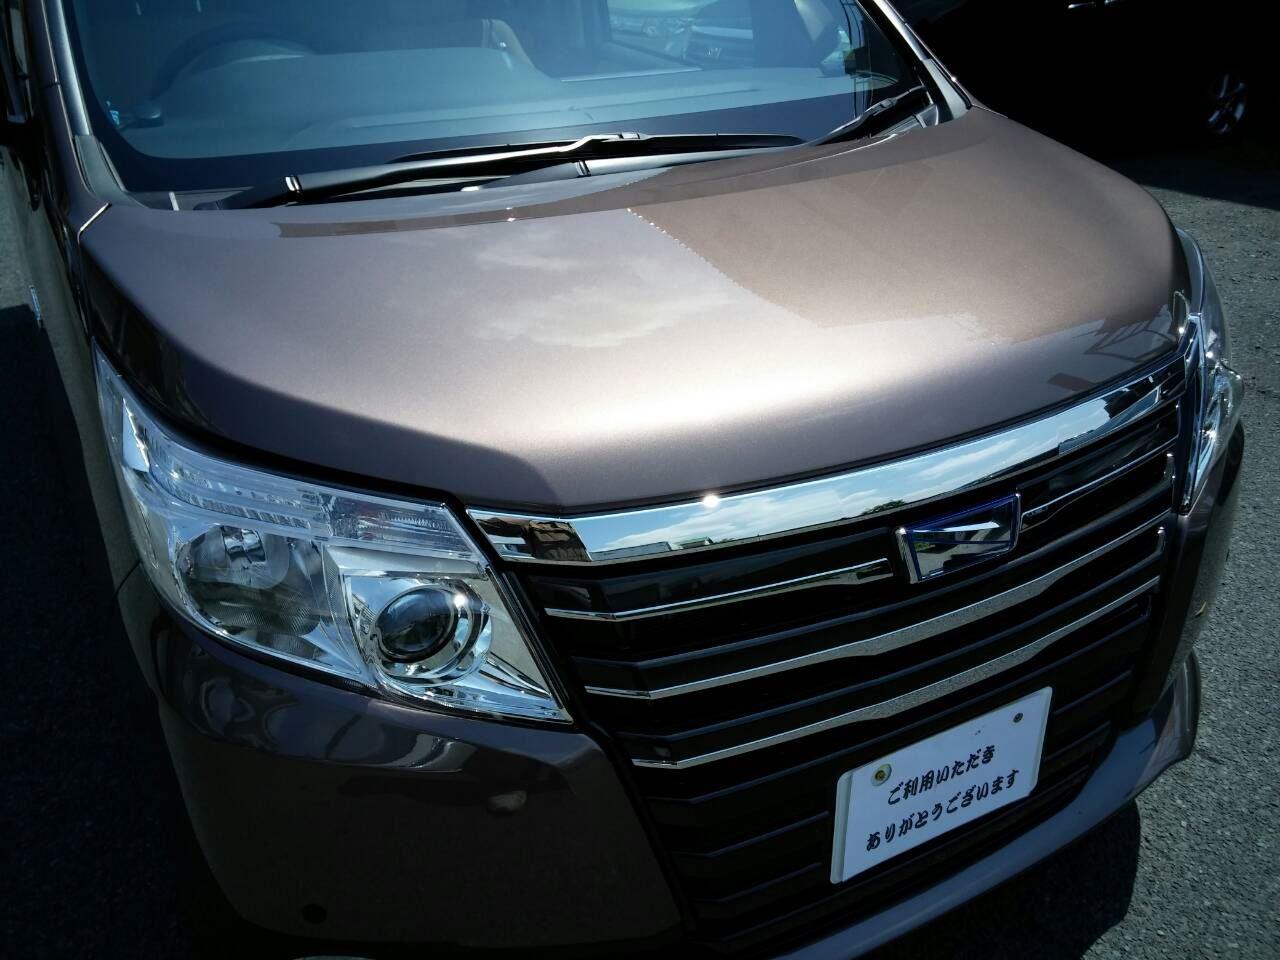 東京都立川市の車の板金塗装修理工場 ガレージローライドのトヨタ ノアの新車のボディー磨き&ジーゾックスリアルガラスコート艶プラス等 です。